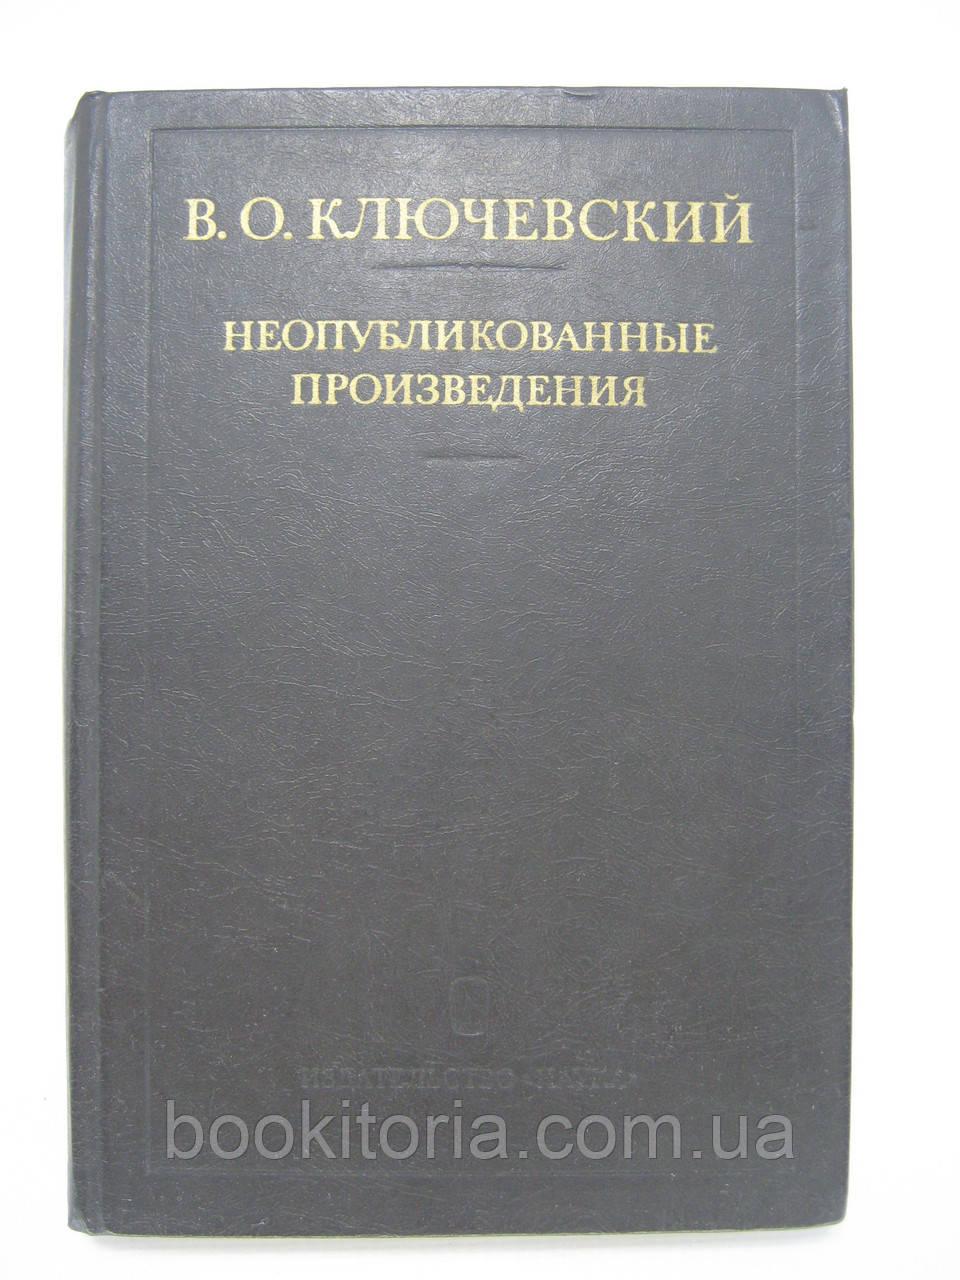 Ключевский В.О. Неопубликованные произведения (б/у).